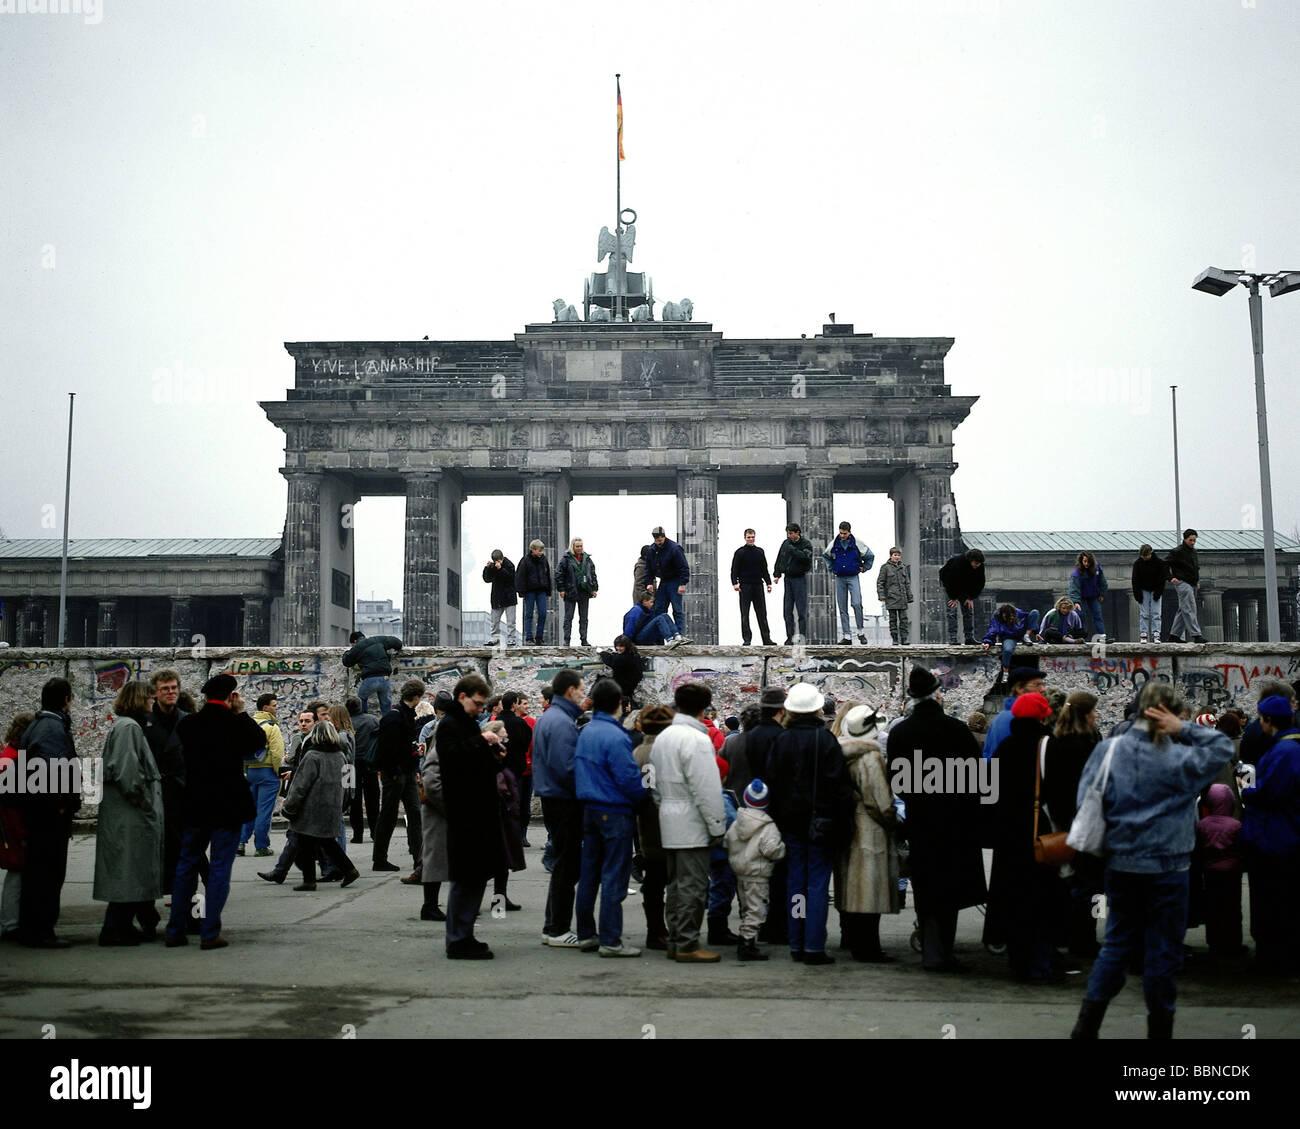 Geographie/Reisen, Deutschland, Fall der Berliner Mauer, die Menschen auf der Mauer am Brandenburger Tor, Berlin, Stockbild